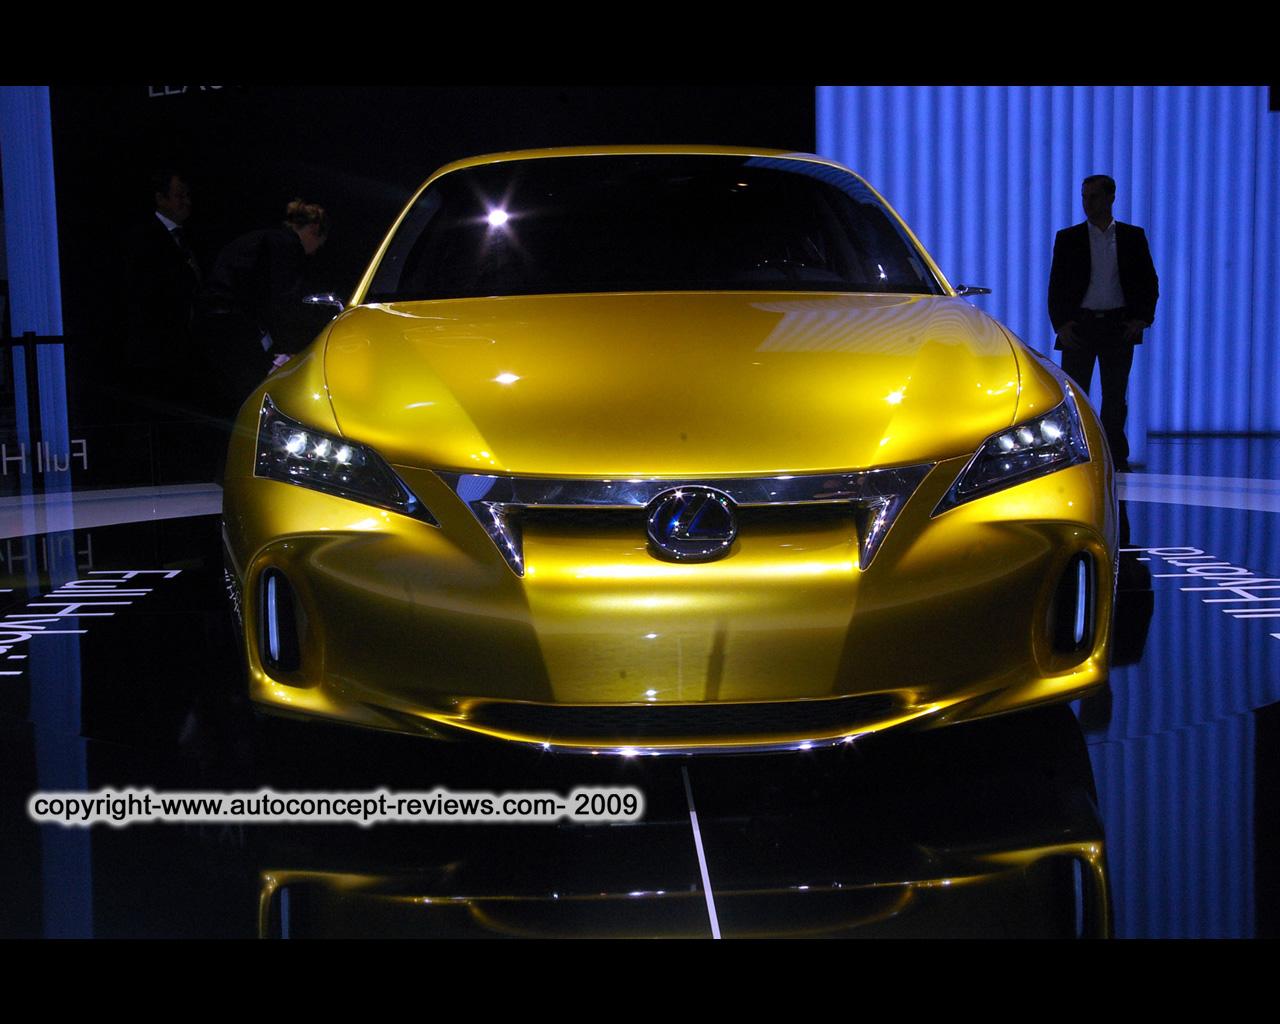 http://www.autoconcept-reviews.com/cars_reviews/lexus/lexus-lf-ch-concept-2009/wallpaper/image1.jpg